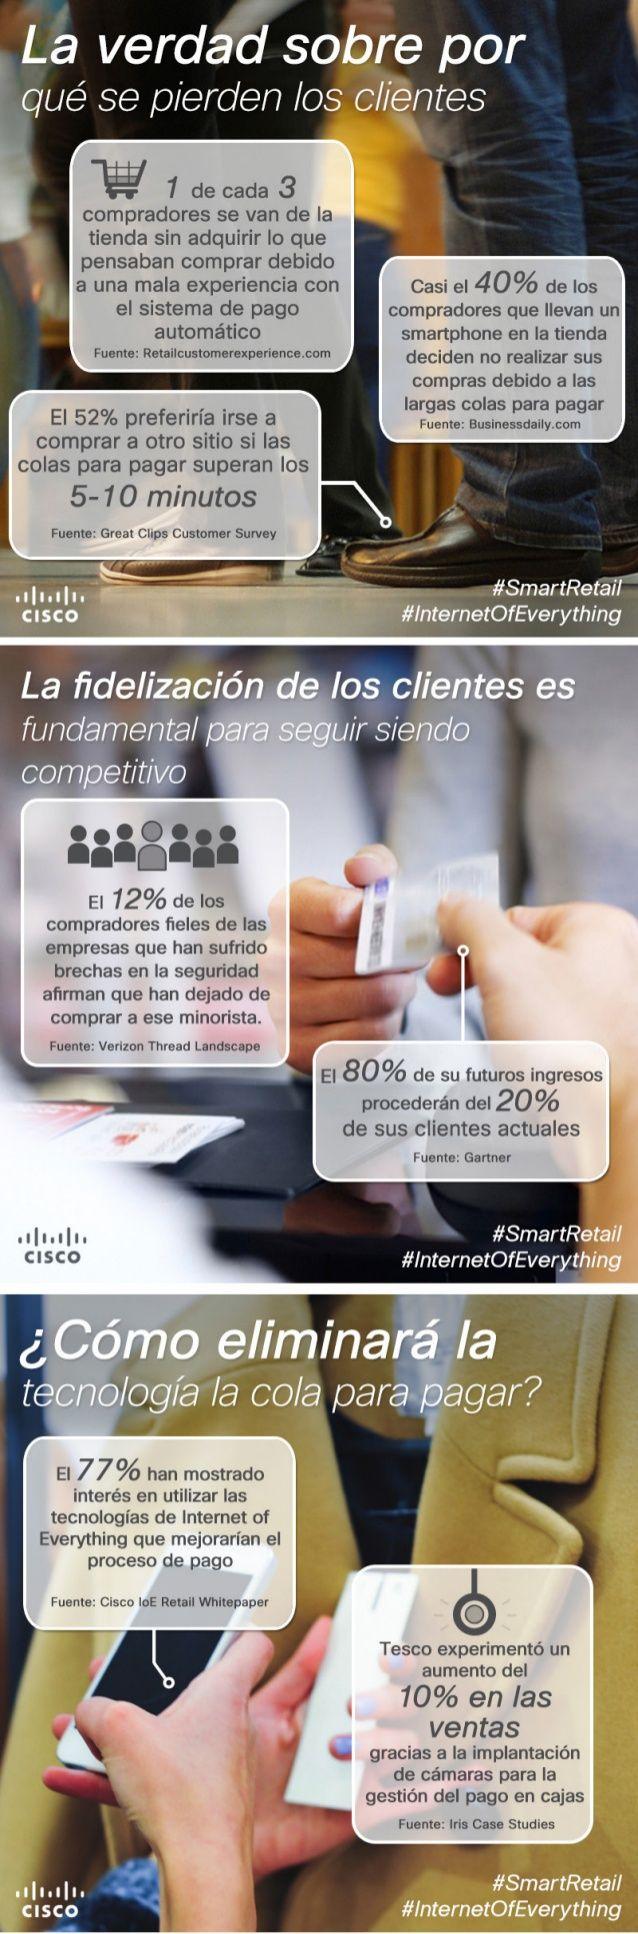 Algunas de las razones por las cuales se pierden los clientes. #Marketing #AtenciónAlCliente